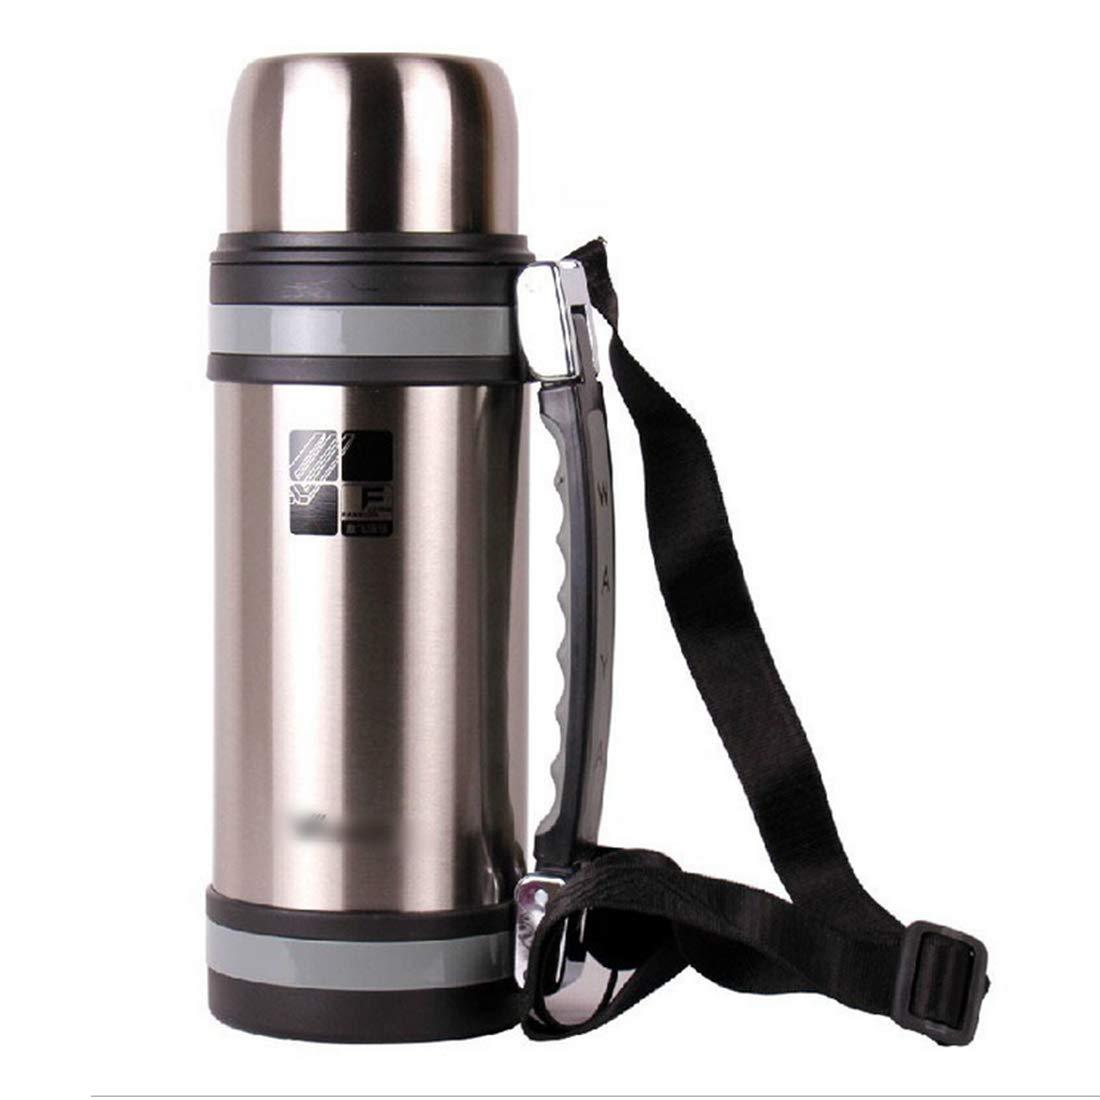 SHIZHESHOP Portable Wasserflasche Edelstahl Vakuum isoliert Thermos Cup für Reisen im Freien